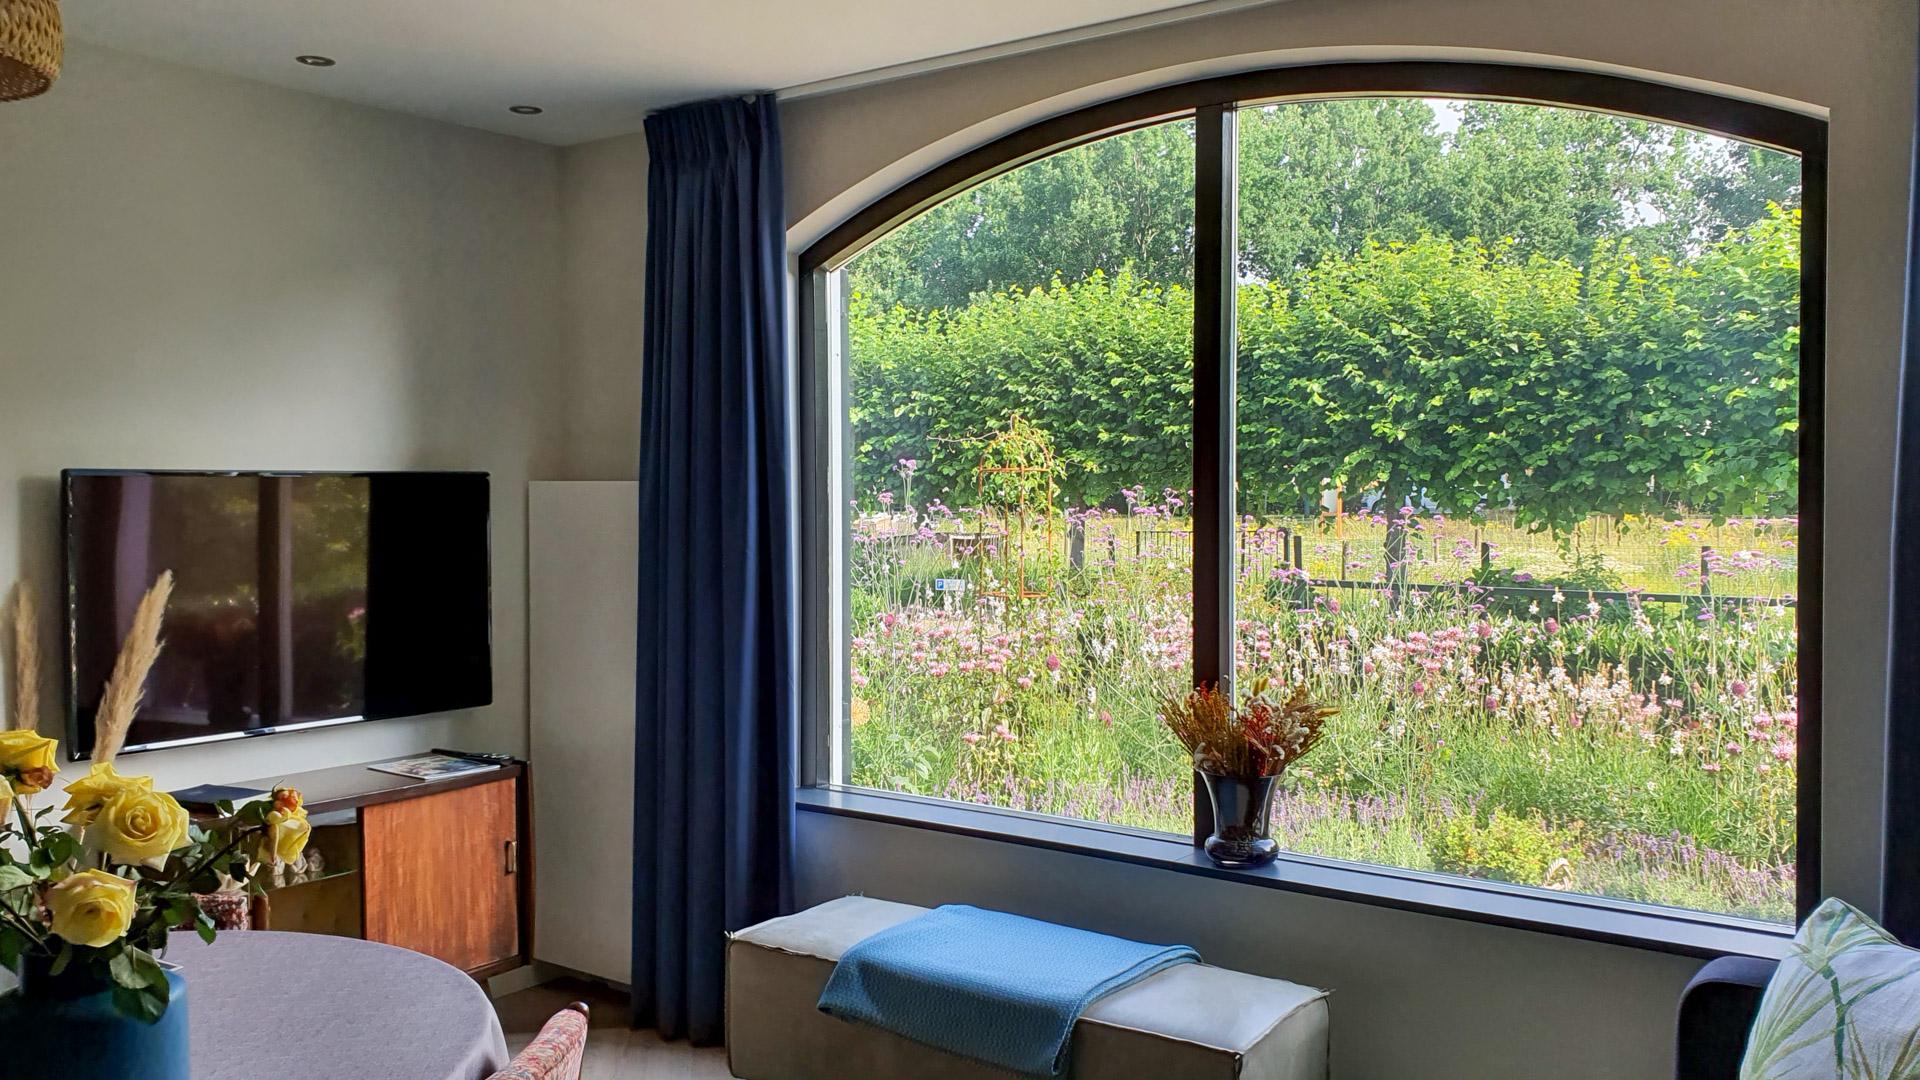 B&B Doremi woonkamer met uitzicht op de tuin